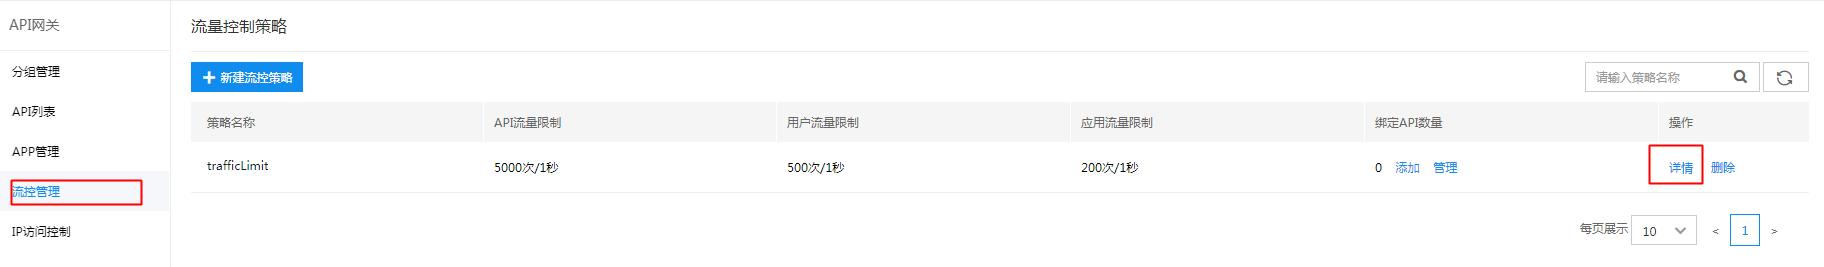 BaiduHi_2019-4-15_22-32-2.png